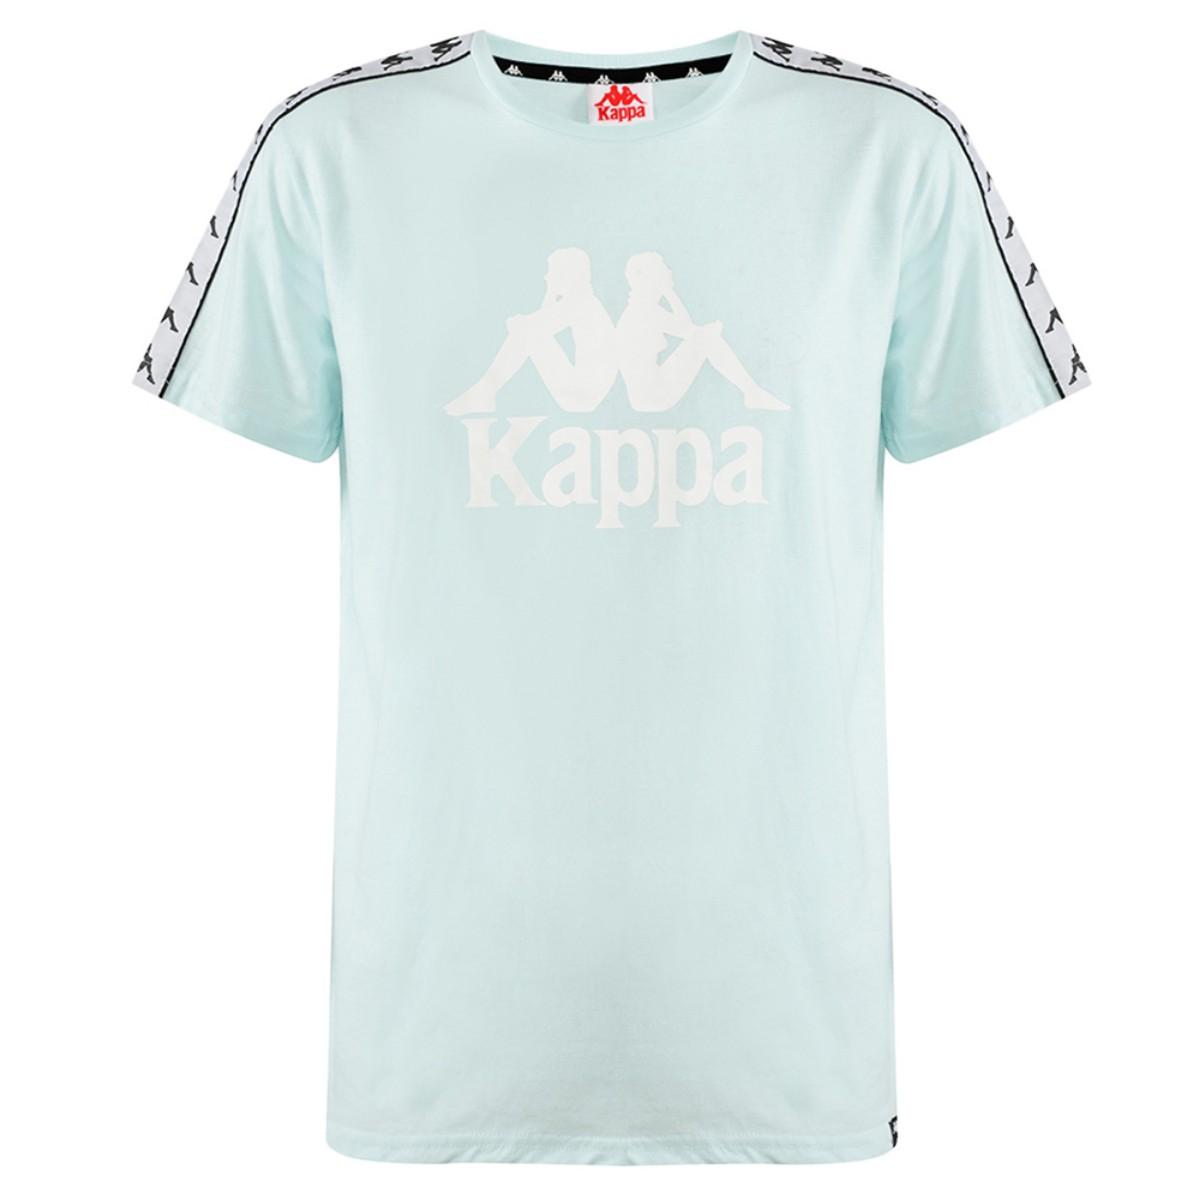 KPMPOV2104CE_1